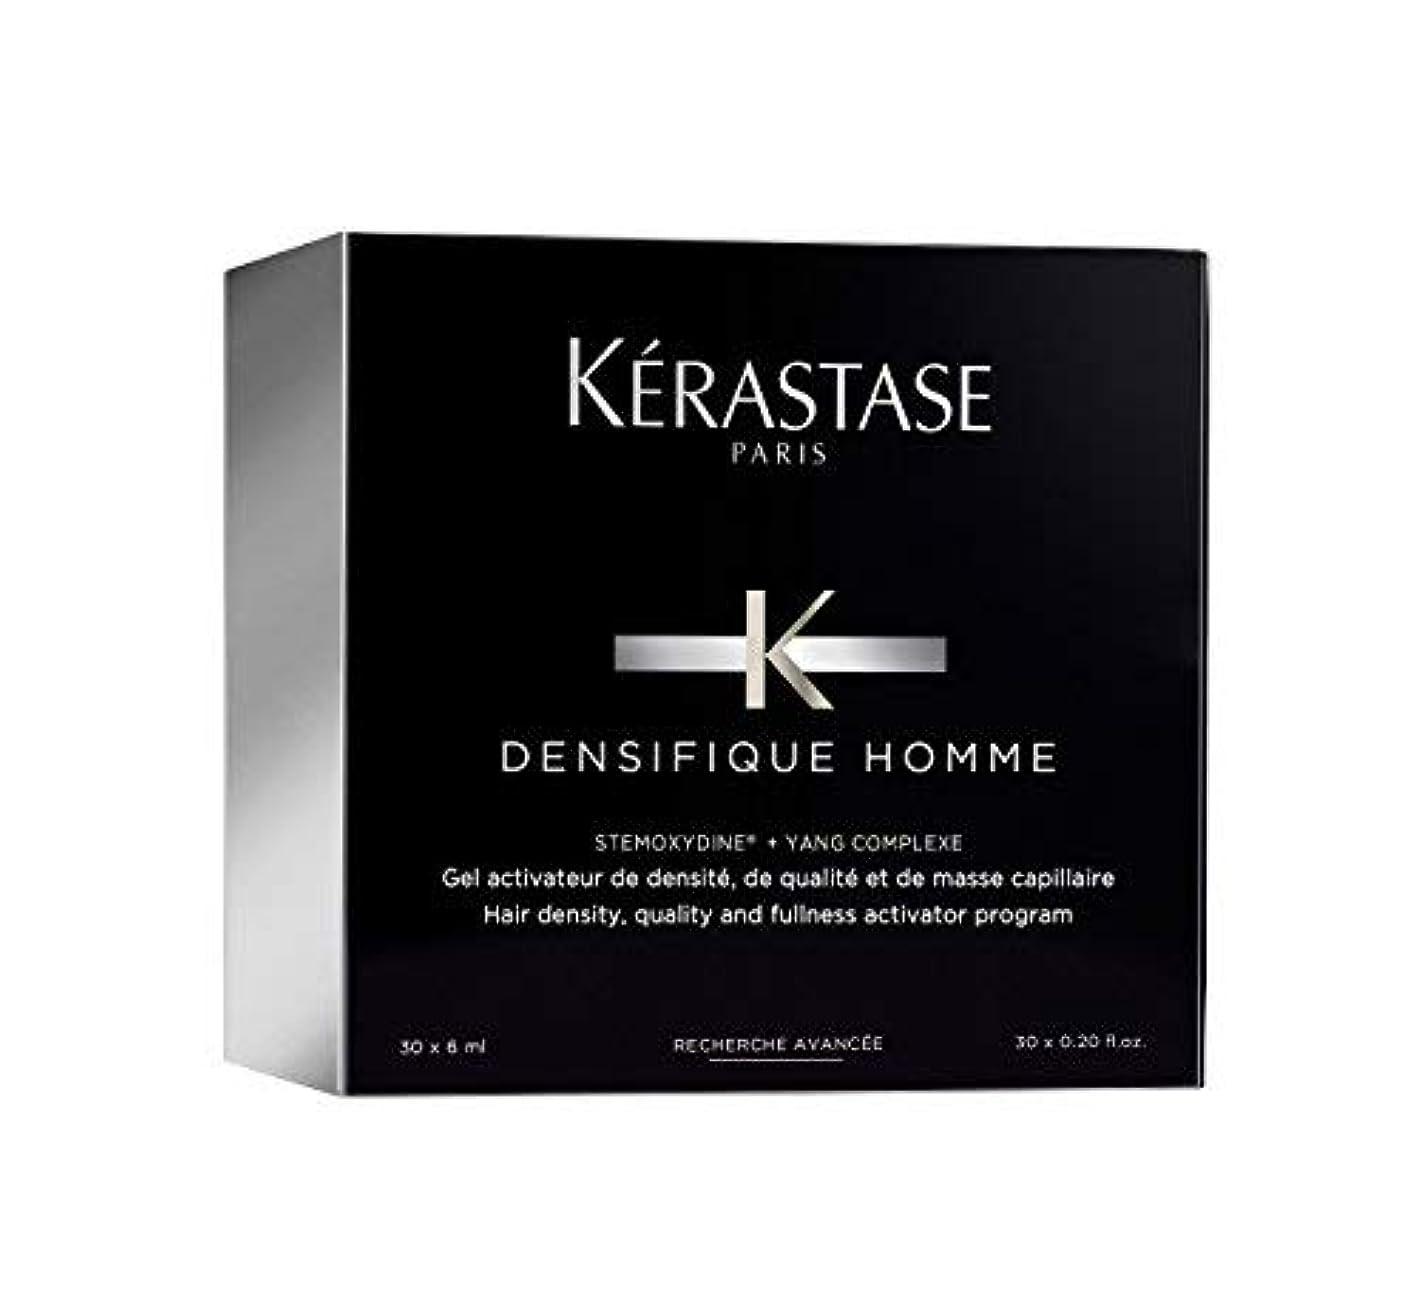 スタッフ軽蔑するまた明日ねケラスターゼ Densifique Homme Hair Density and Fullness Programme 30x6ml